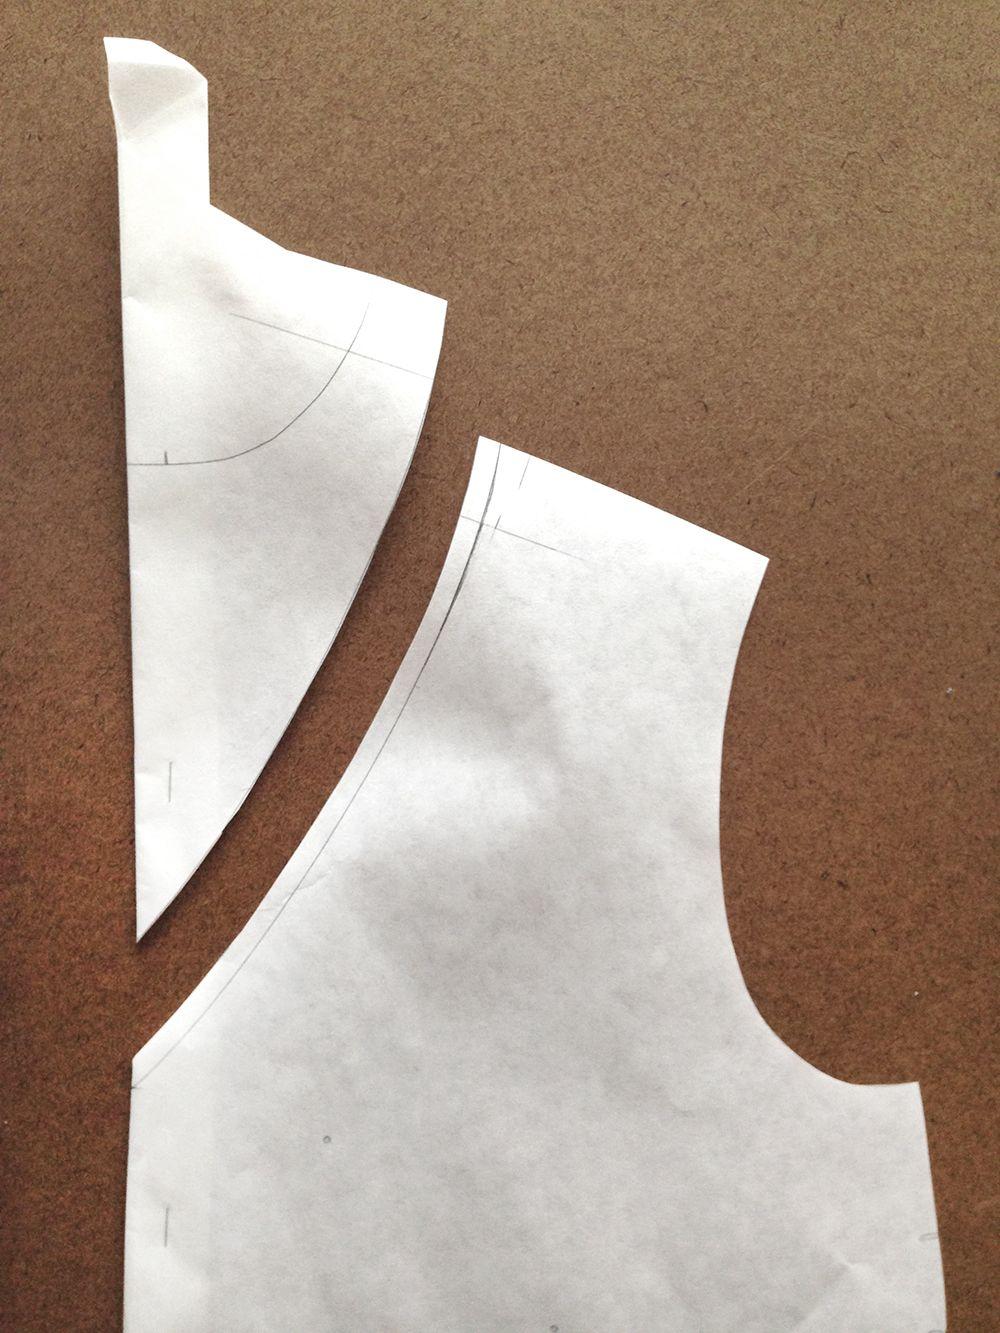 Big, clear, beautiful: Collared to v-neck redesign tutorial... Alder V-Neck Variation